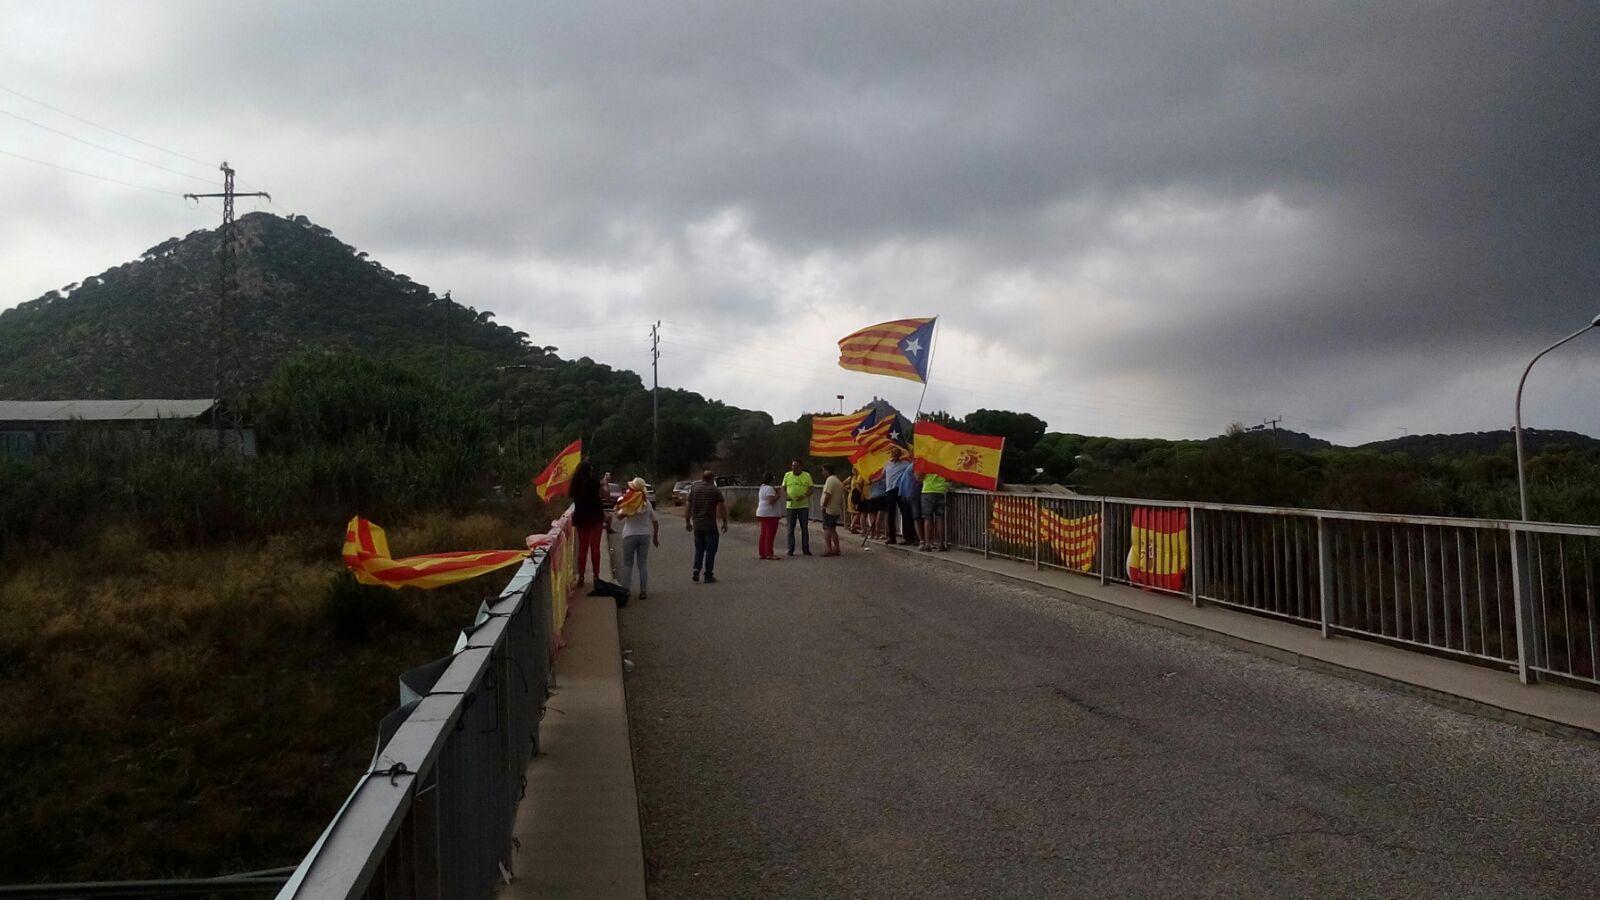 Llaman a ir al Puente de Vilasar de Mar donde CDR atacará a las españolas